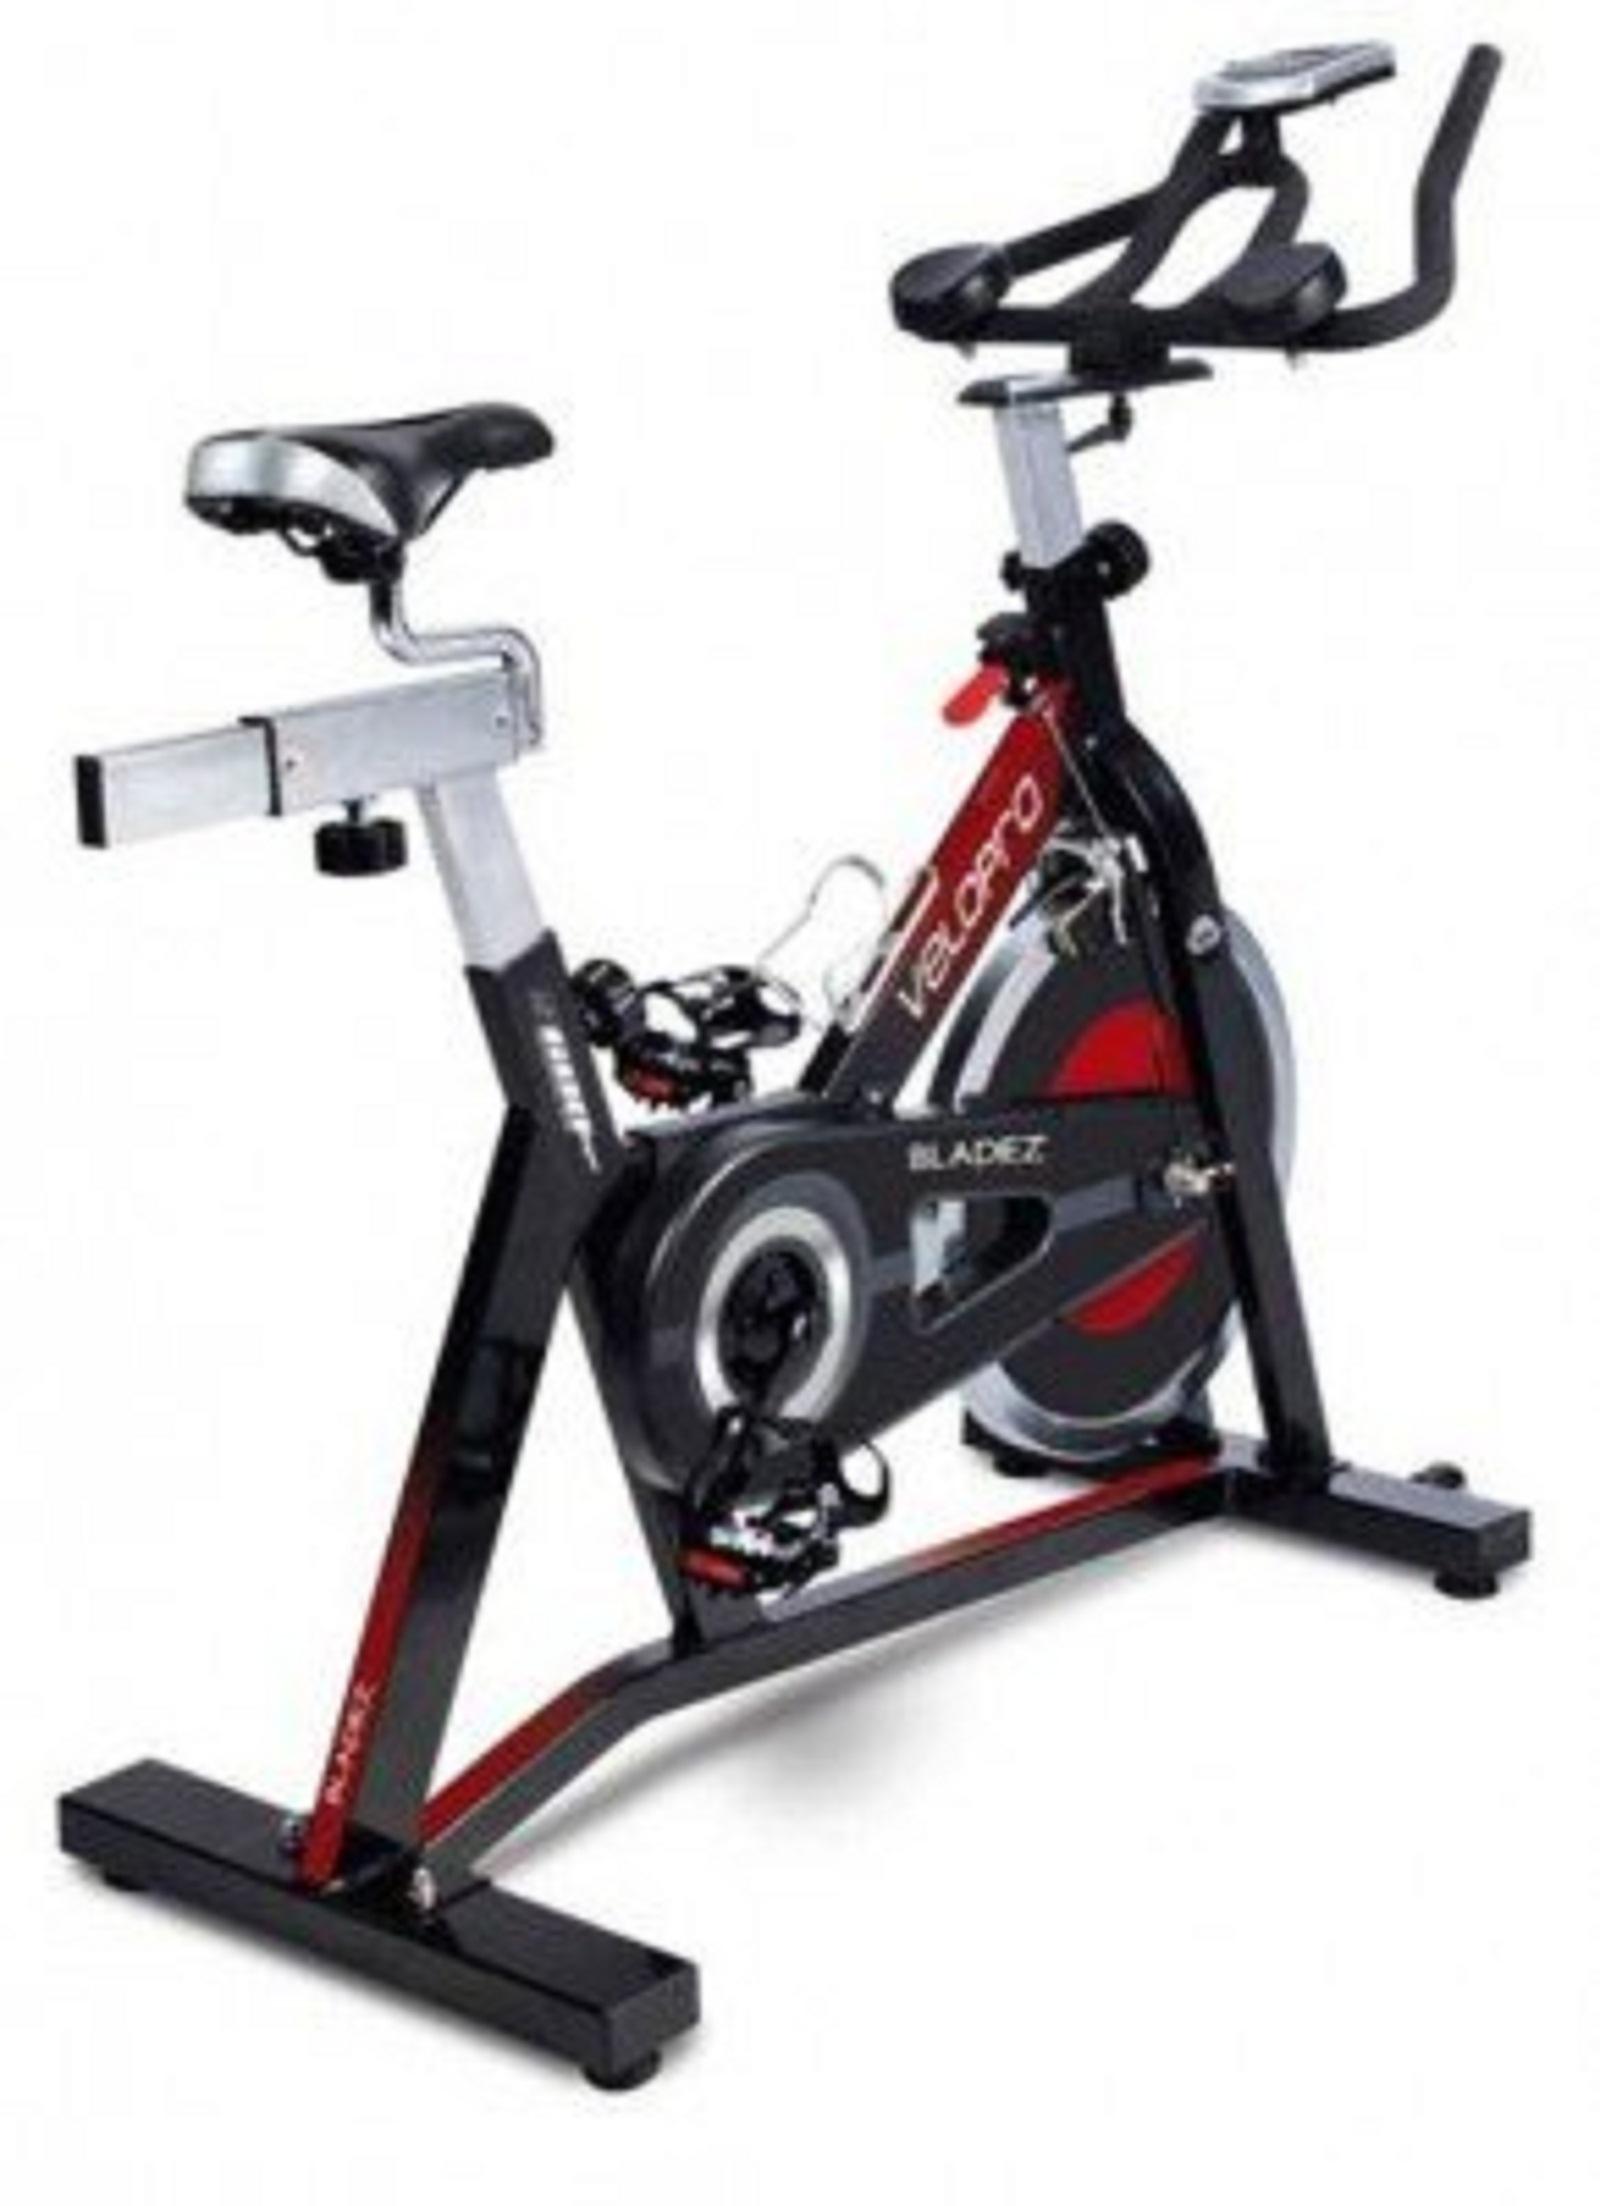 Bladez-Velopro-GS-Indoor-Cycle